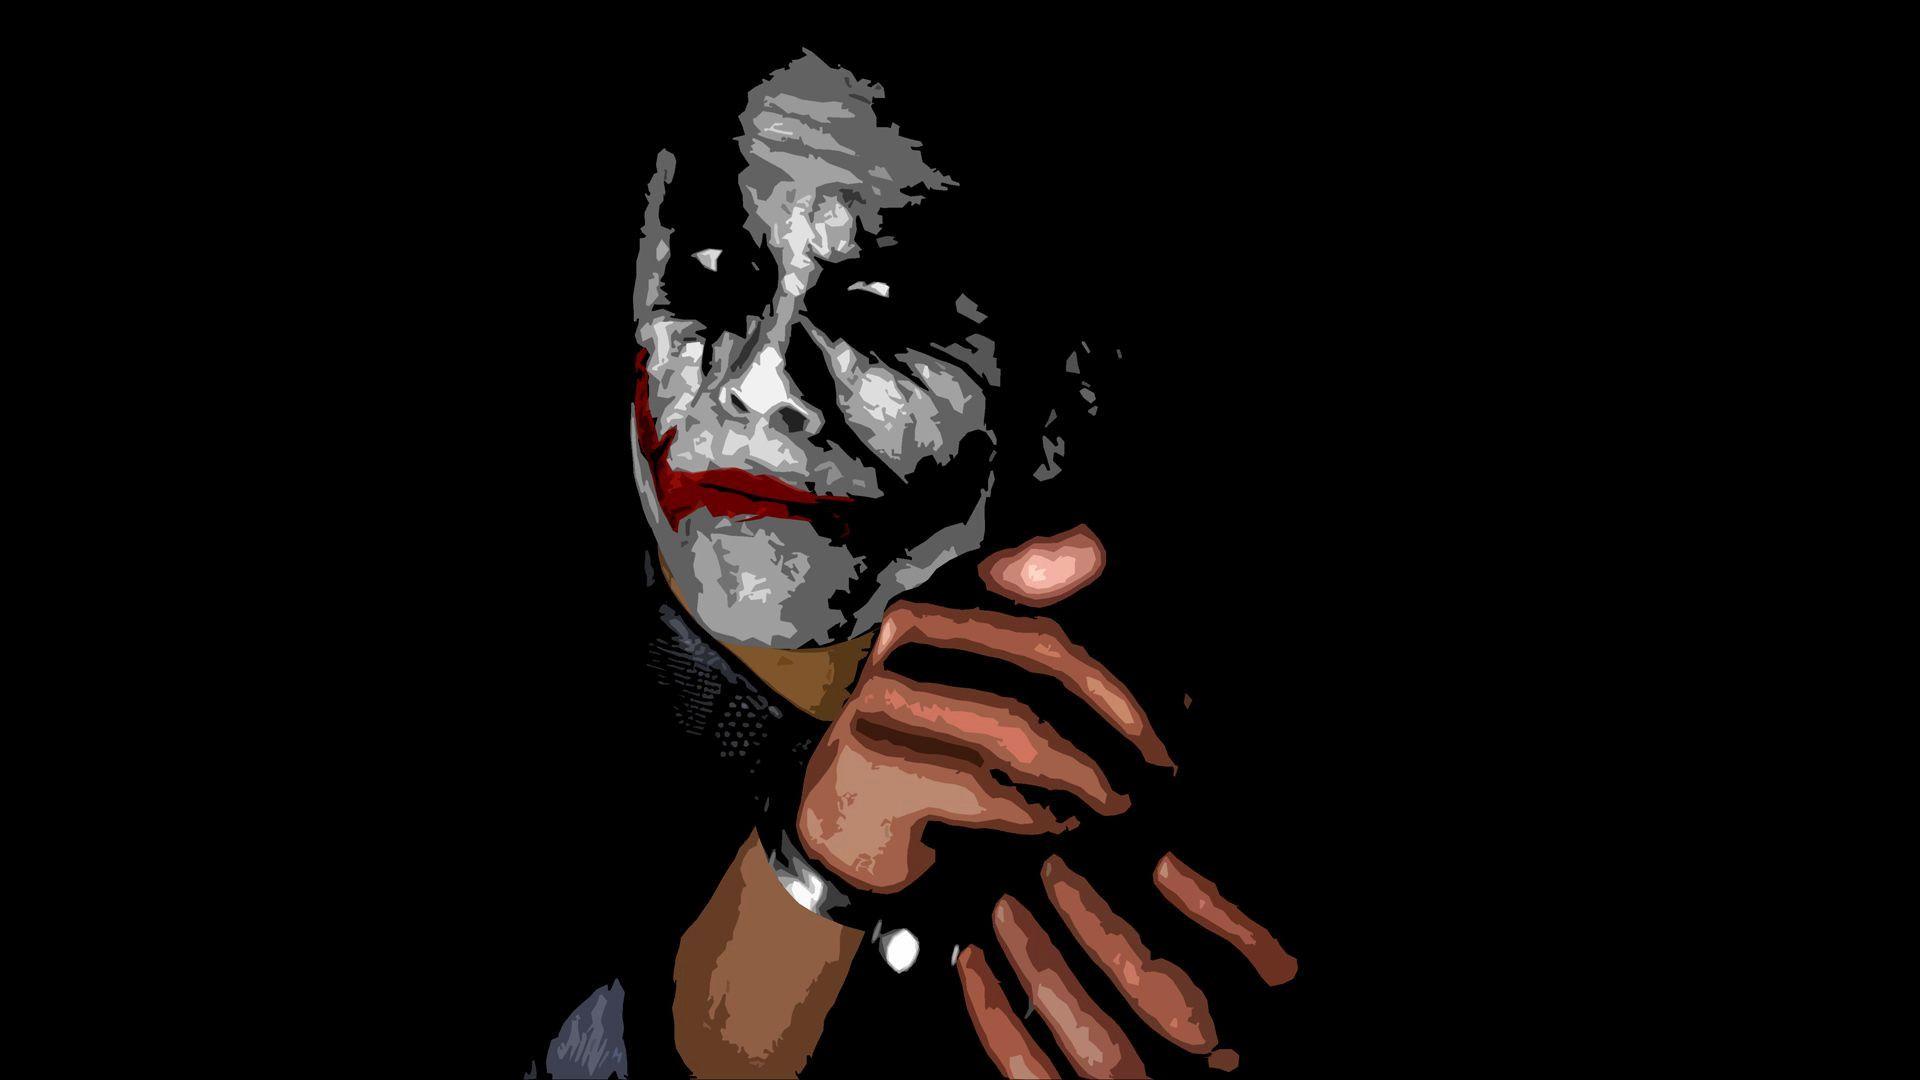 Unique 4k Wallpaper Joker Heath Ledger Hd Wallpaper Joker Hd Wallpaper Joker Wallpapers Joker Images 3d cool joker wallpaper photos